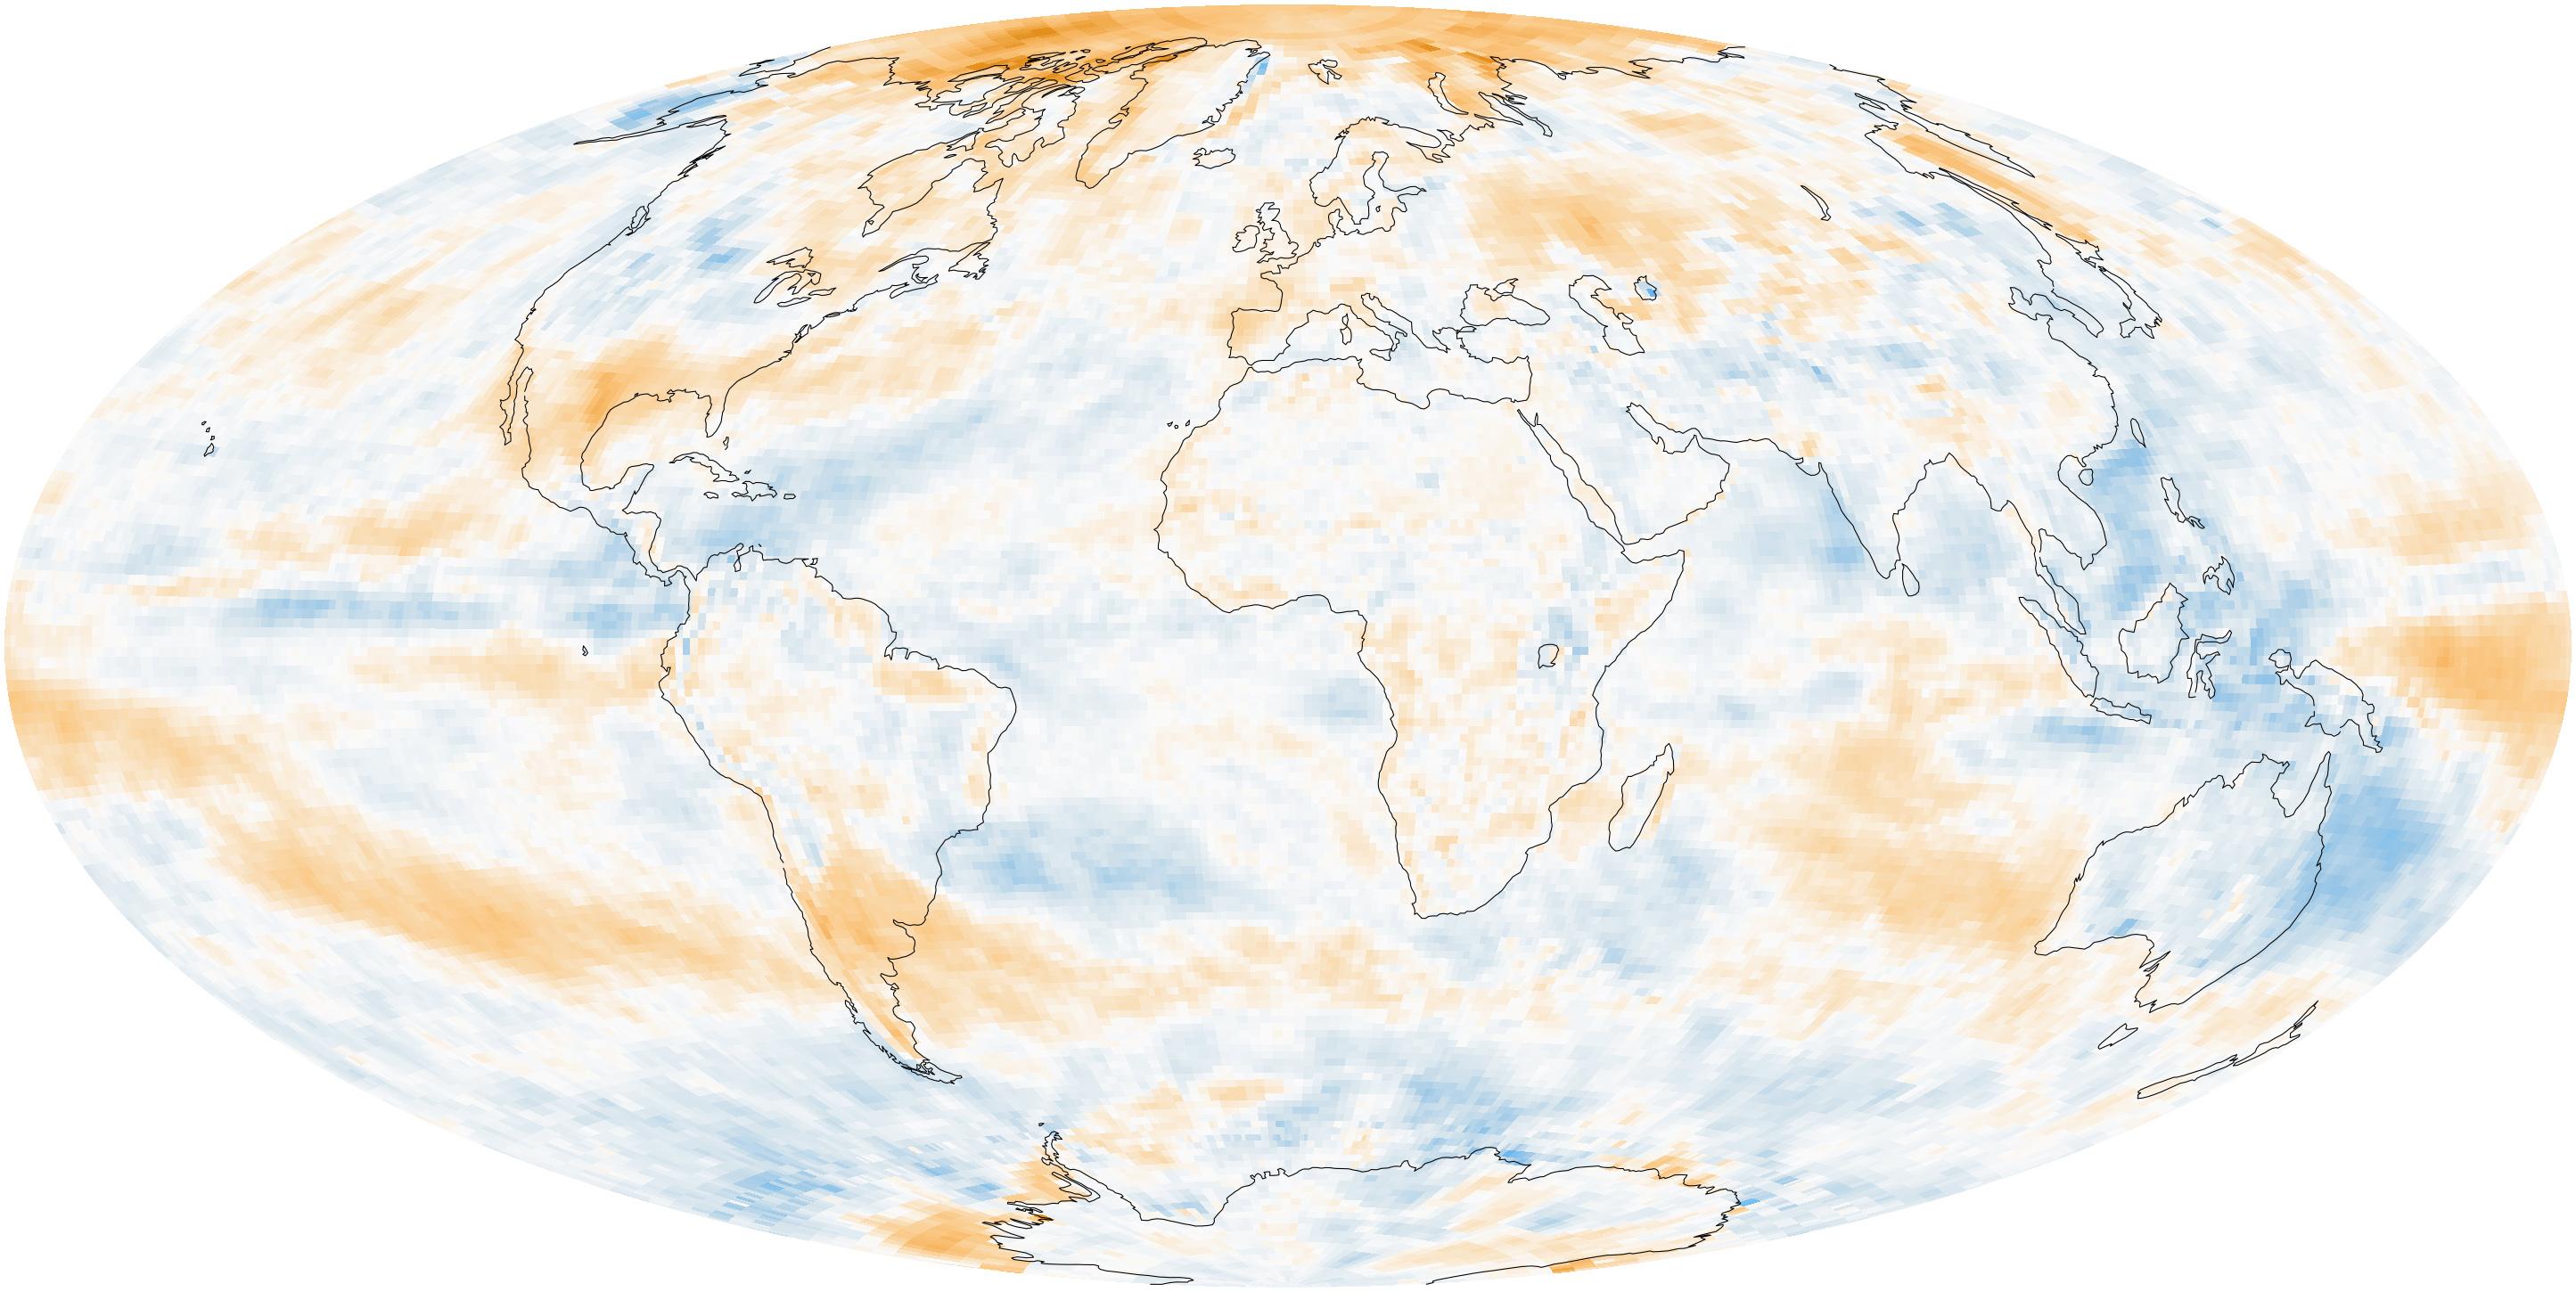 Earth's reflectivity